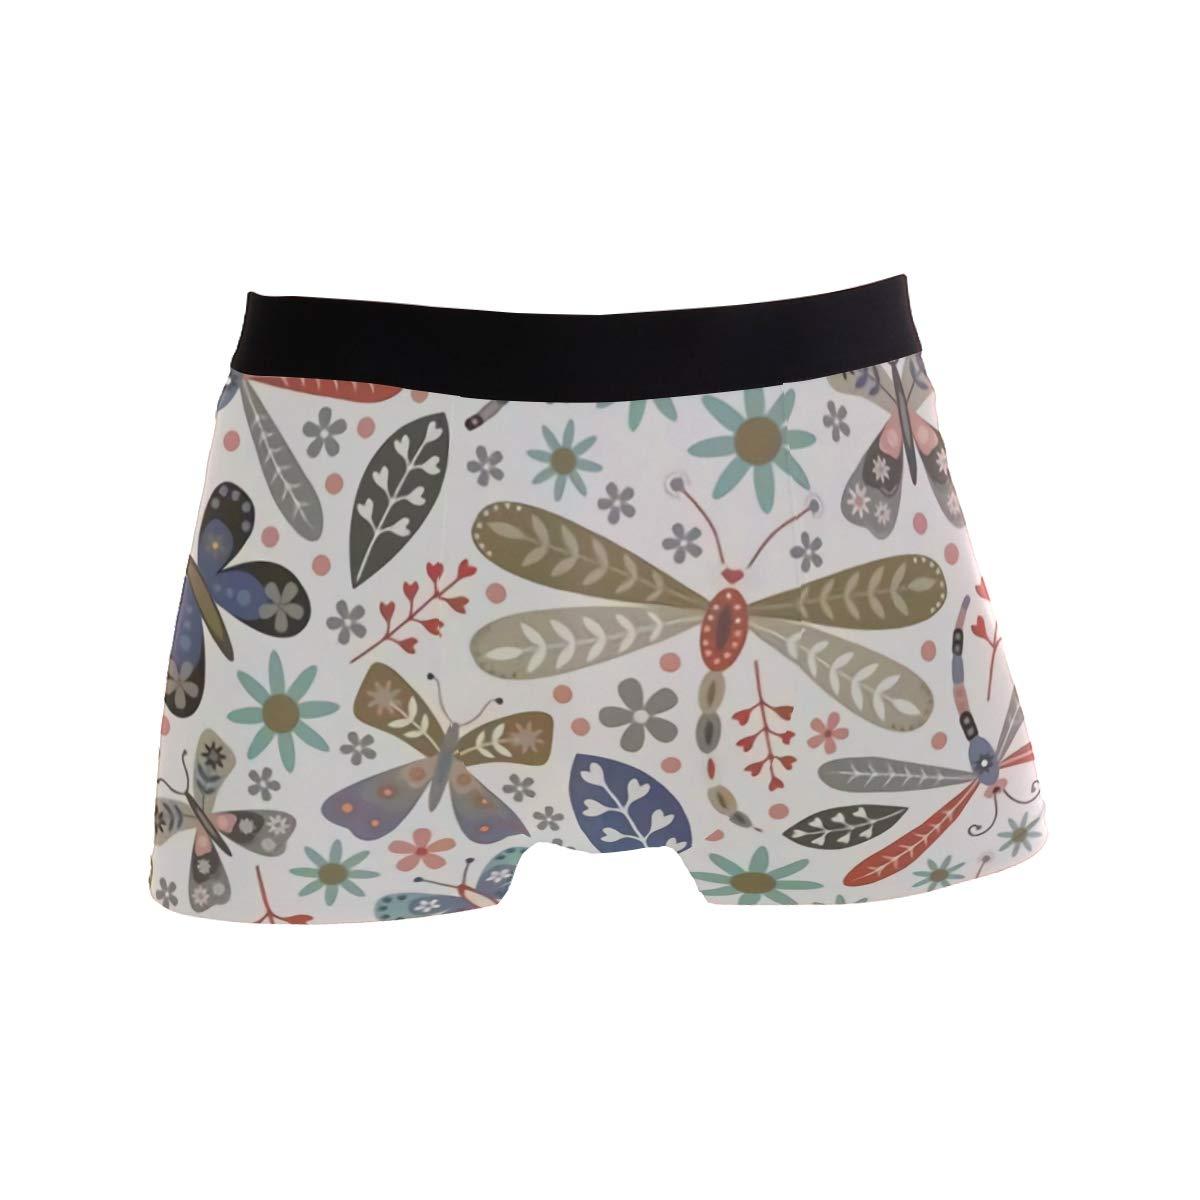 CATSDER Dragonflies Boxer Briefs Mens Underwear Pack Seamless Comfort Soft